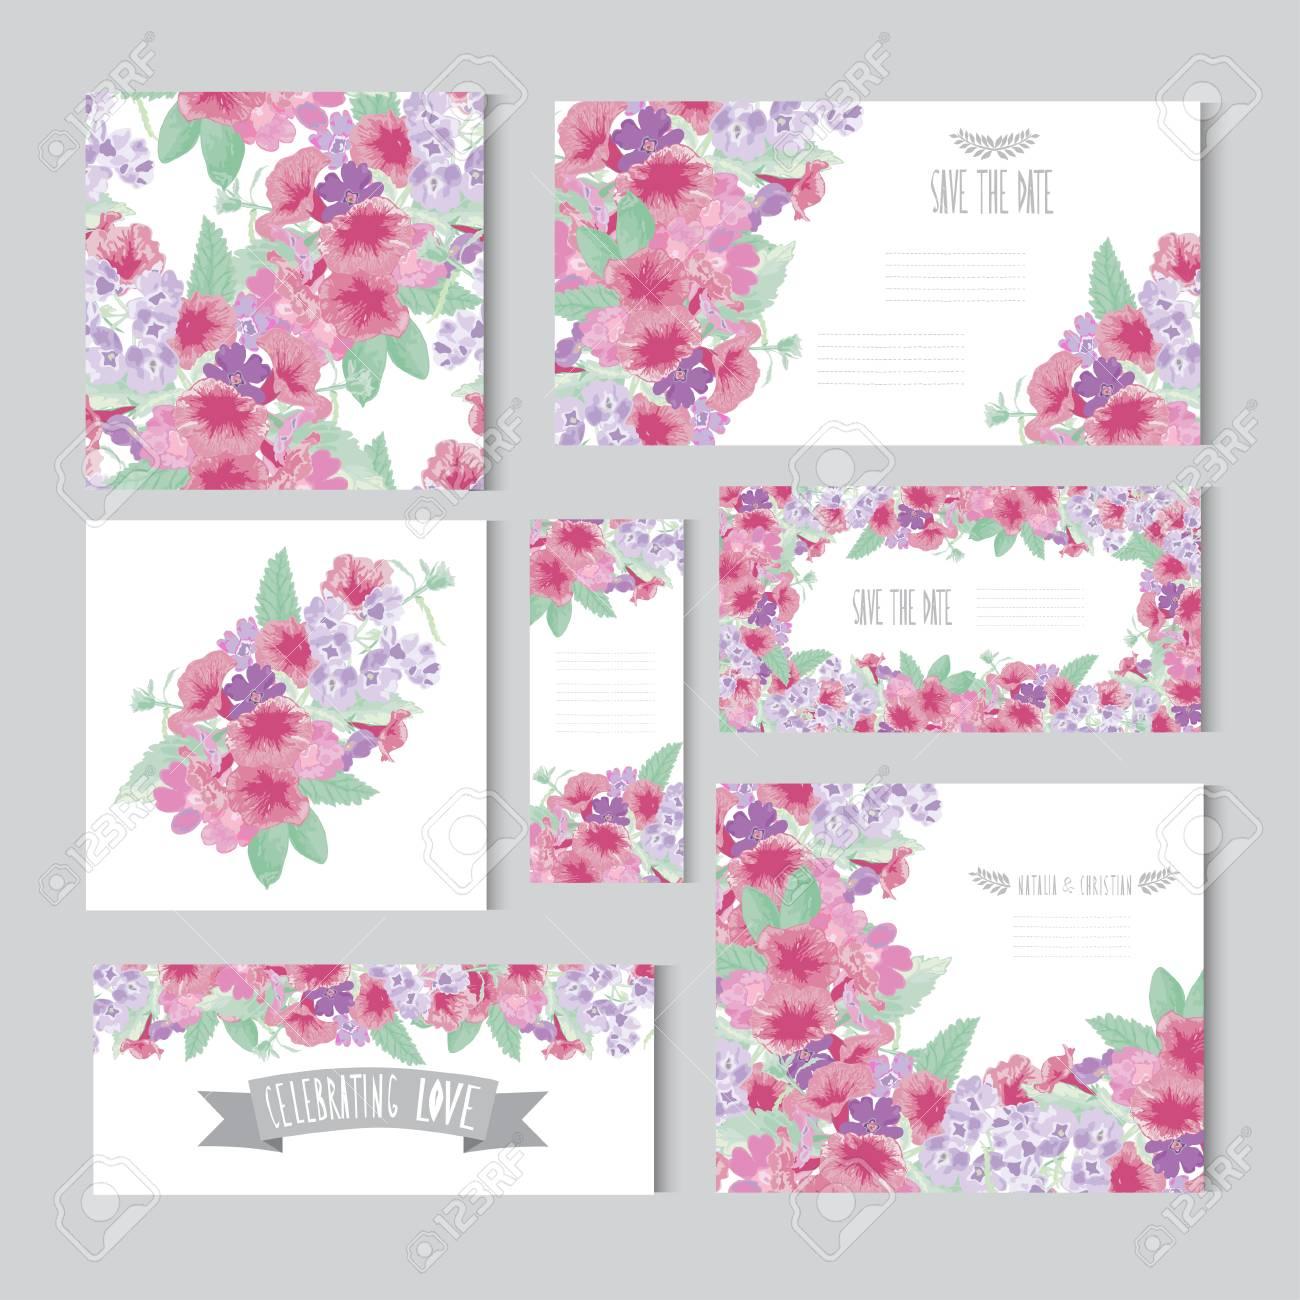 Tarjetas Elegantes Con Flores Decorativas Elementos De Diseño Puede Ser Utilizado Para La Boda Ducha Del Bebé Día De Madres Del Día De San